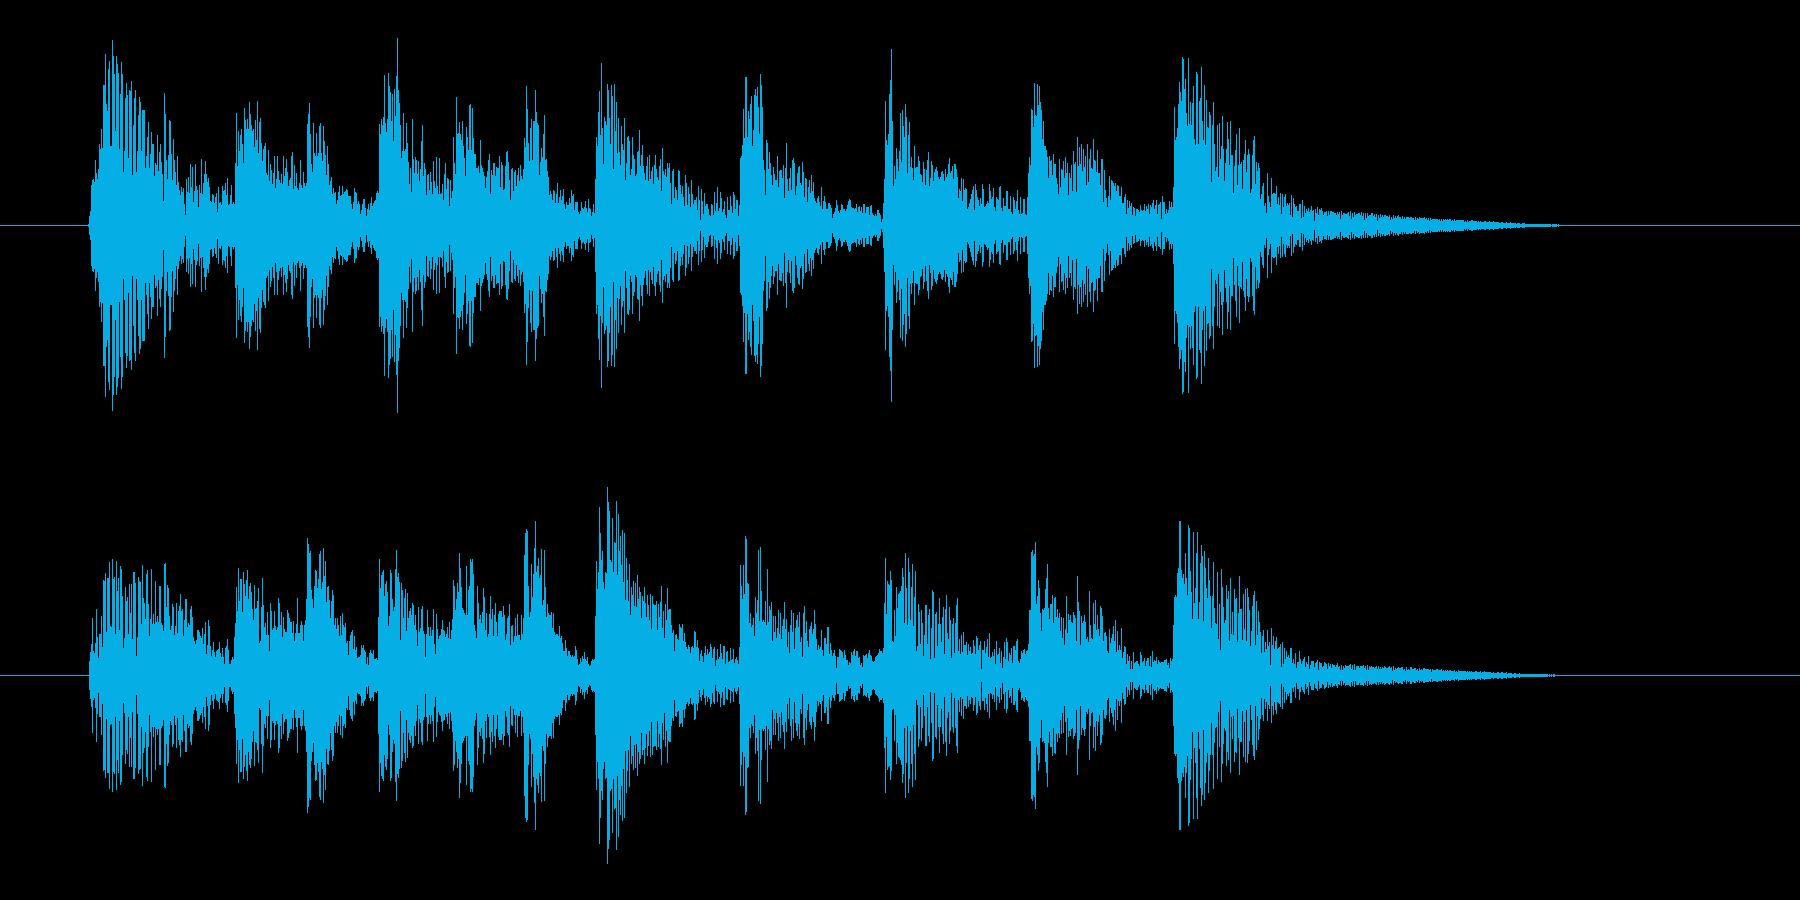 アニメのアイキャッチ1【Ver4】の再生済みの波形